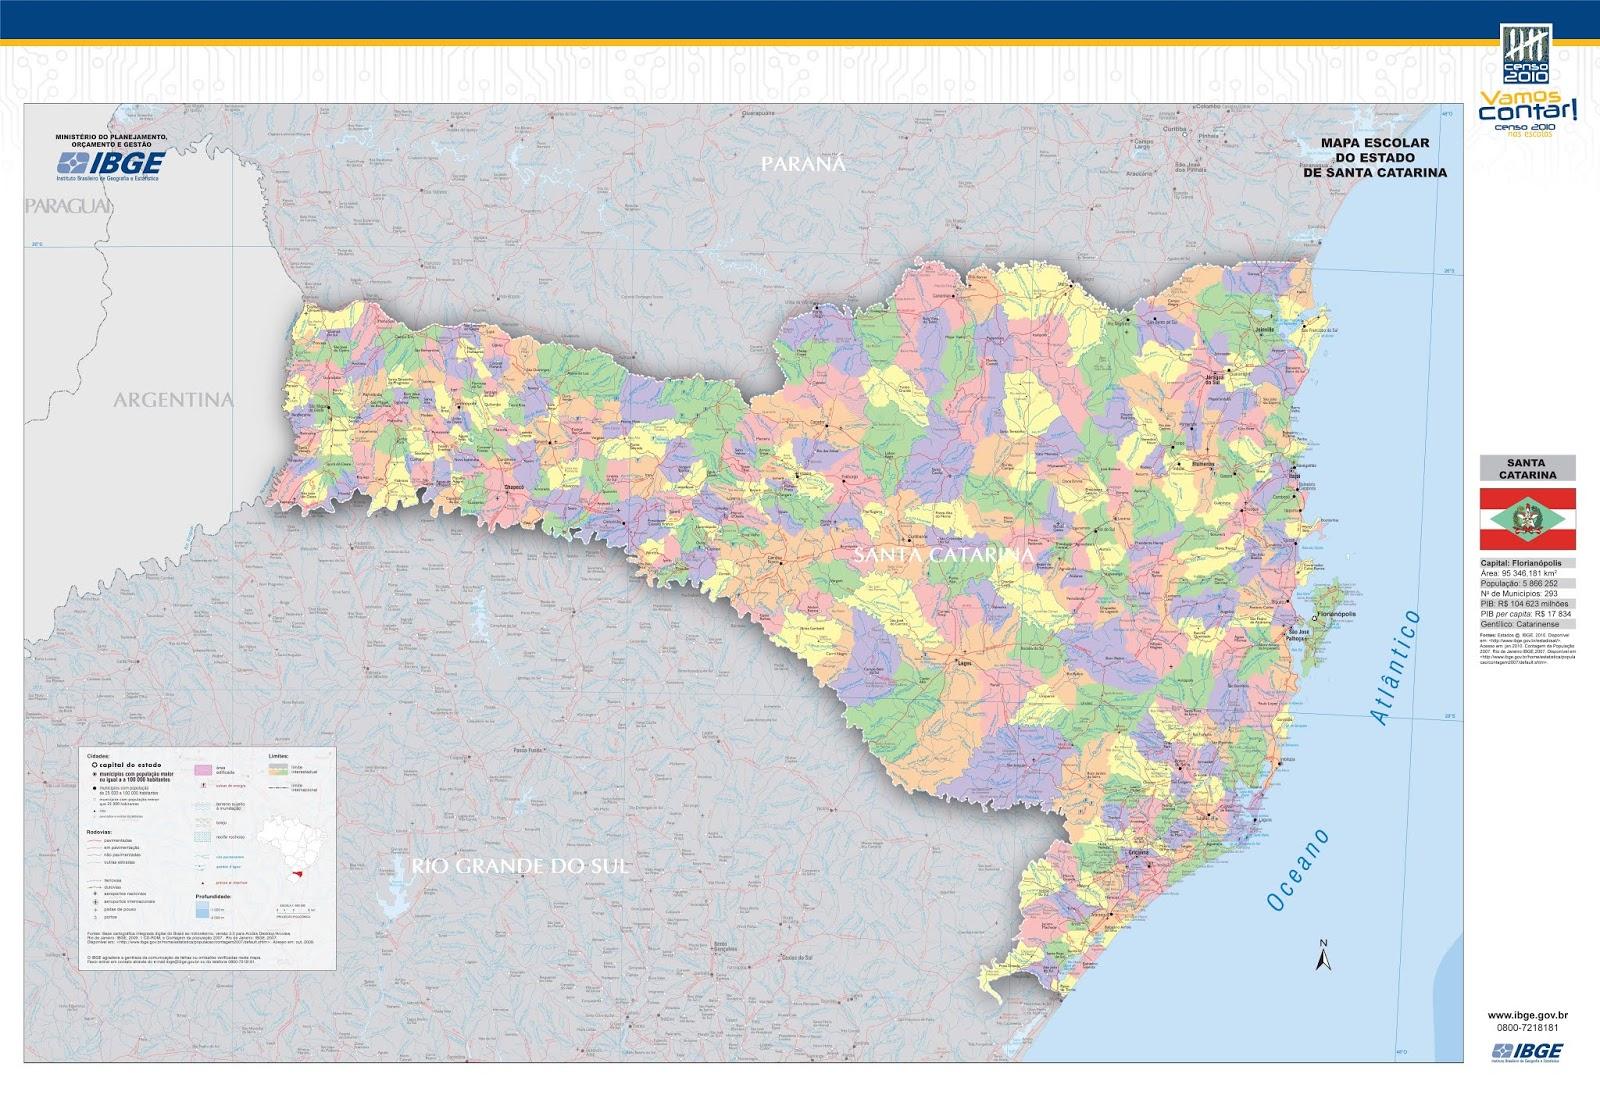 Mapas dos Estados do Brasil